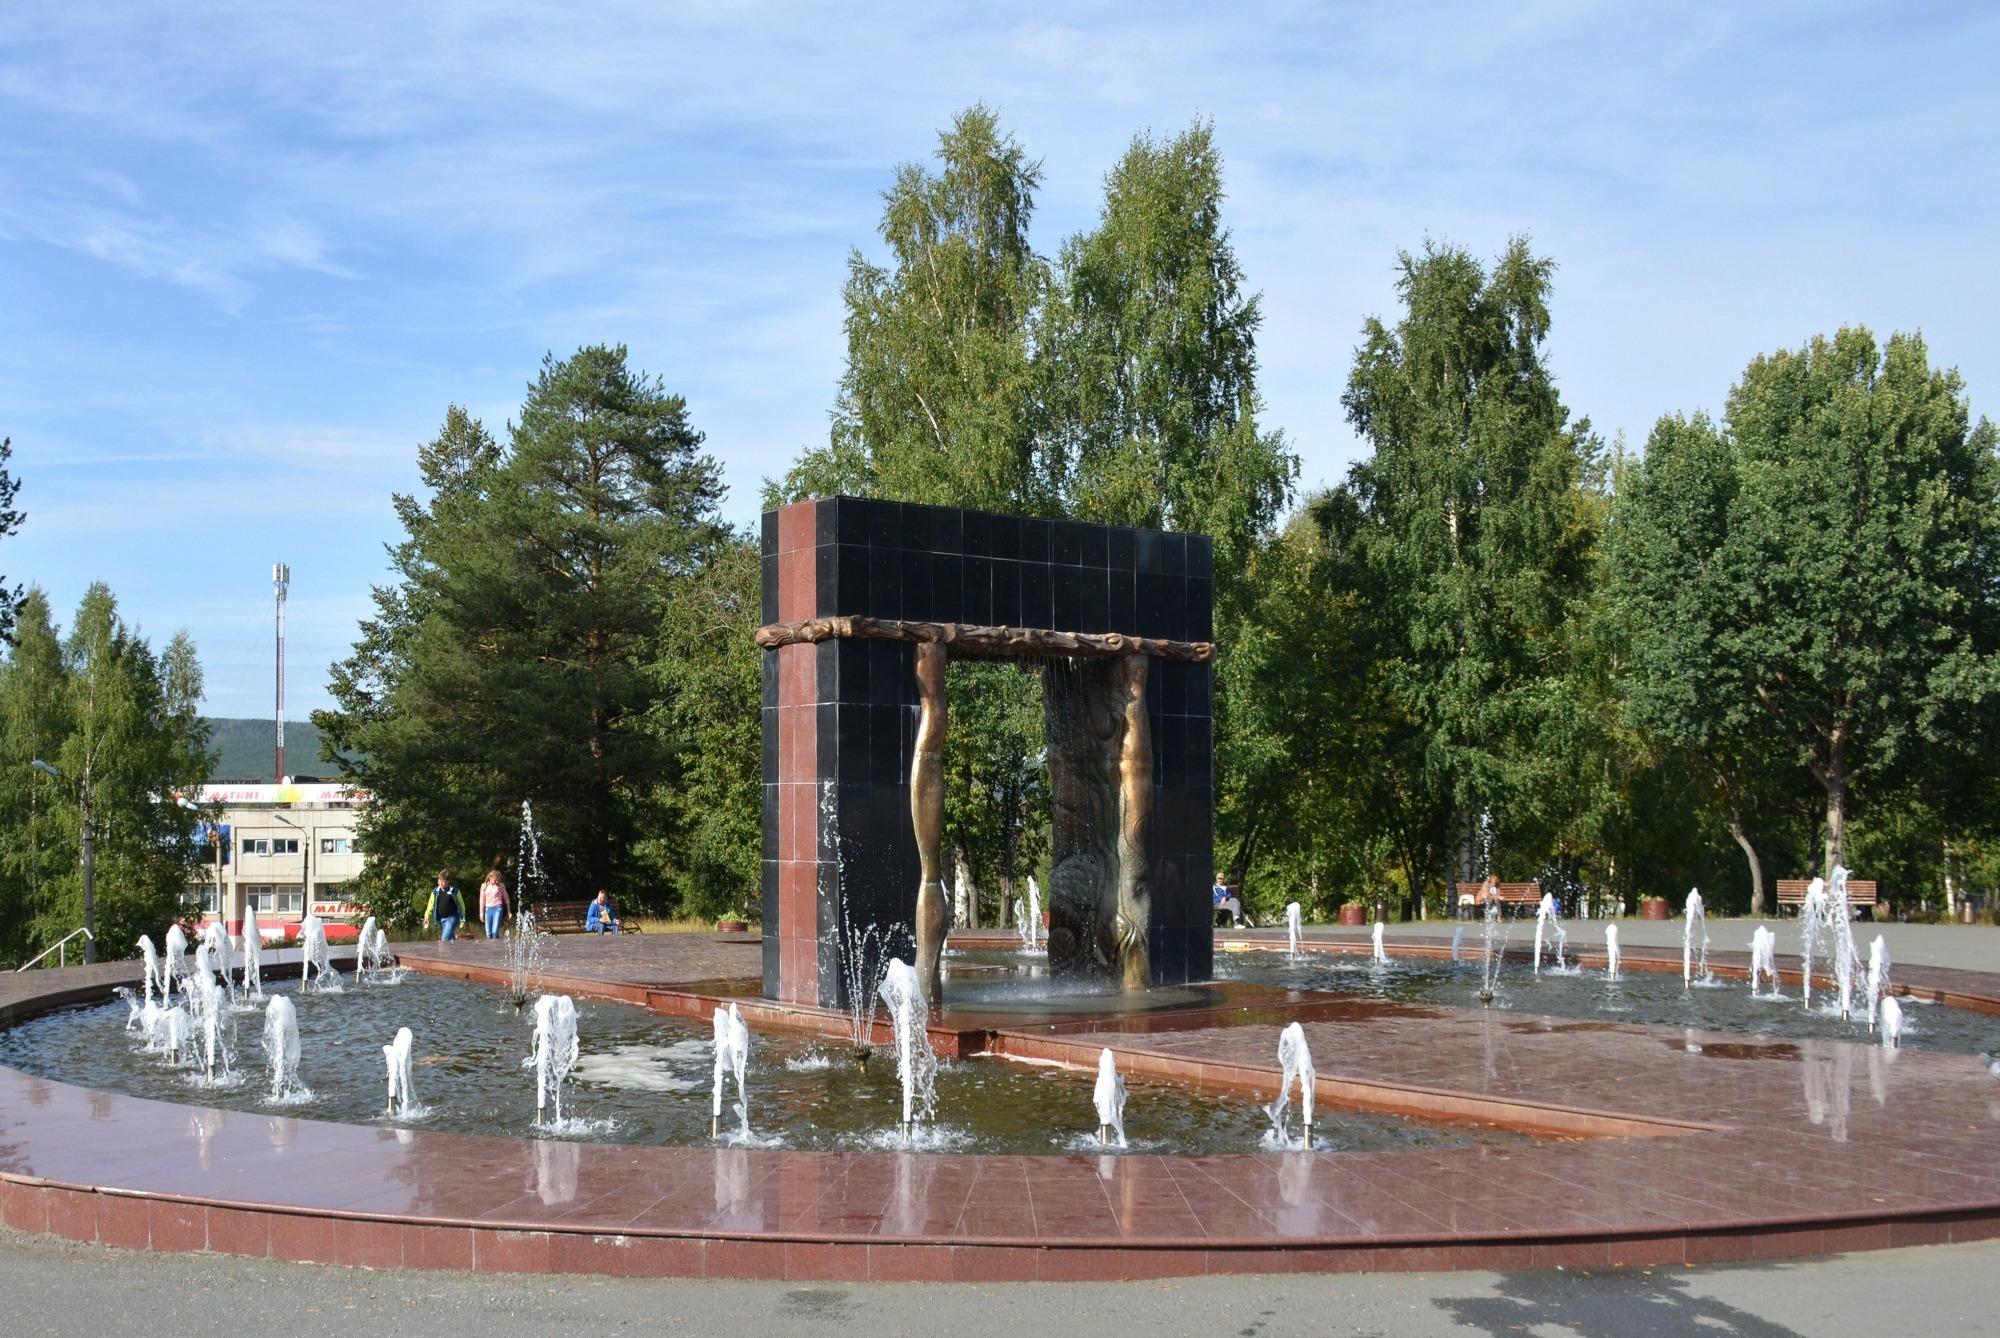 Фонтан «Портал будущего» в Качканаре. Фото: Удинцева Т.А.